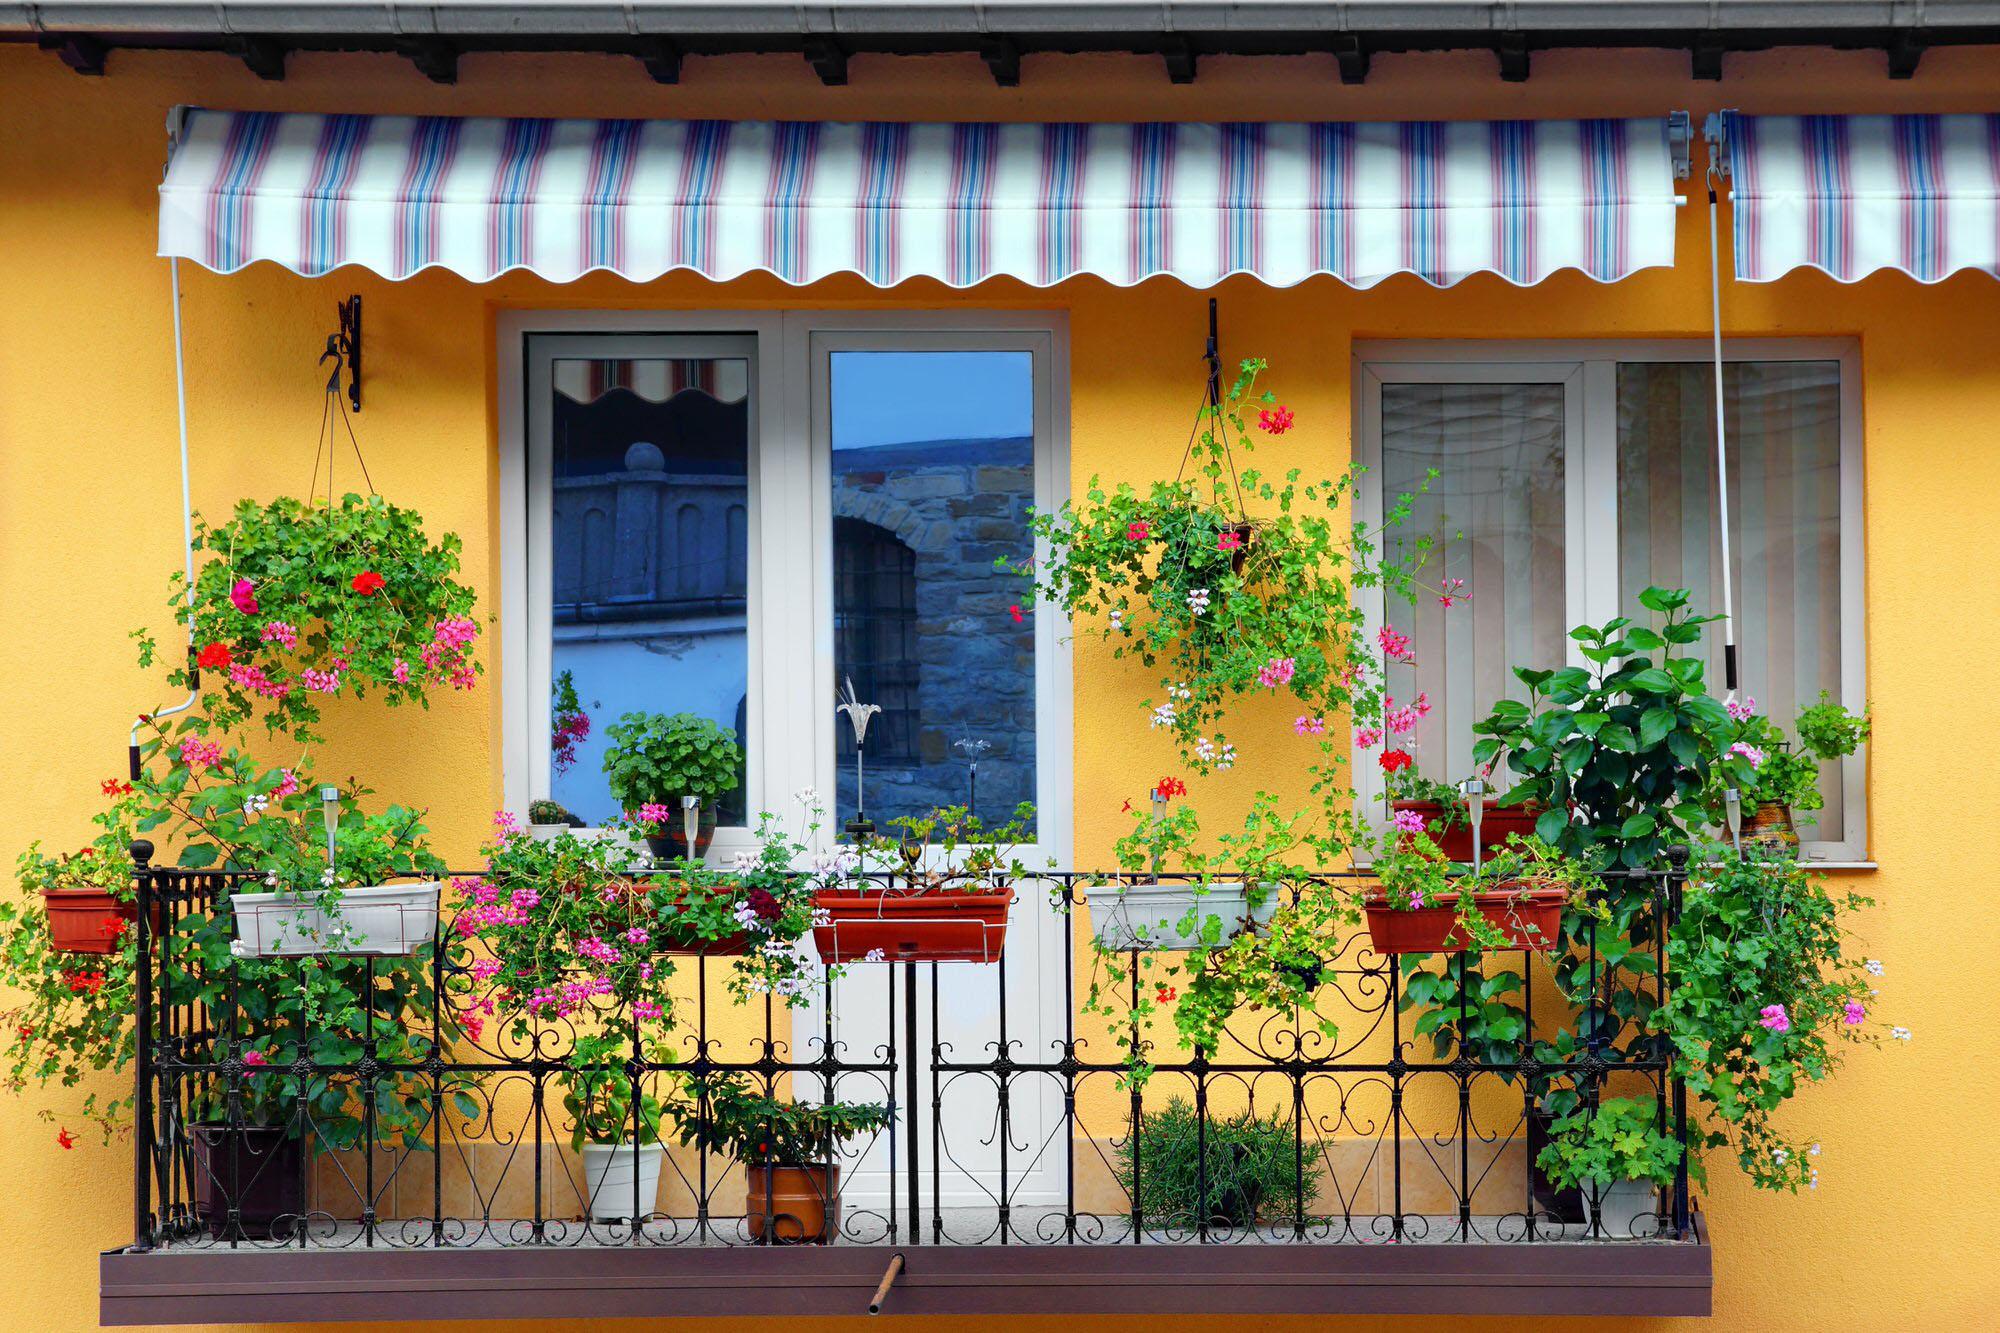 Nhà phố siêu xinh với mẹo trang trí ban công đẹp bằng hoa 02